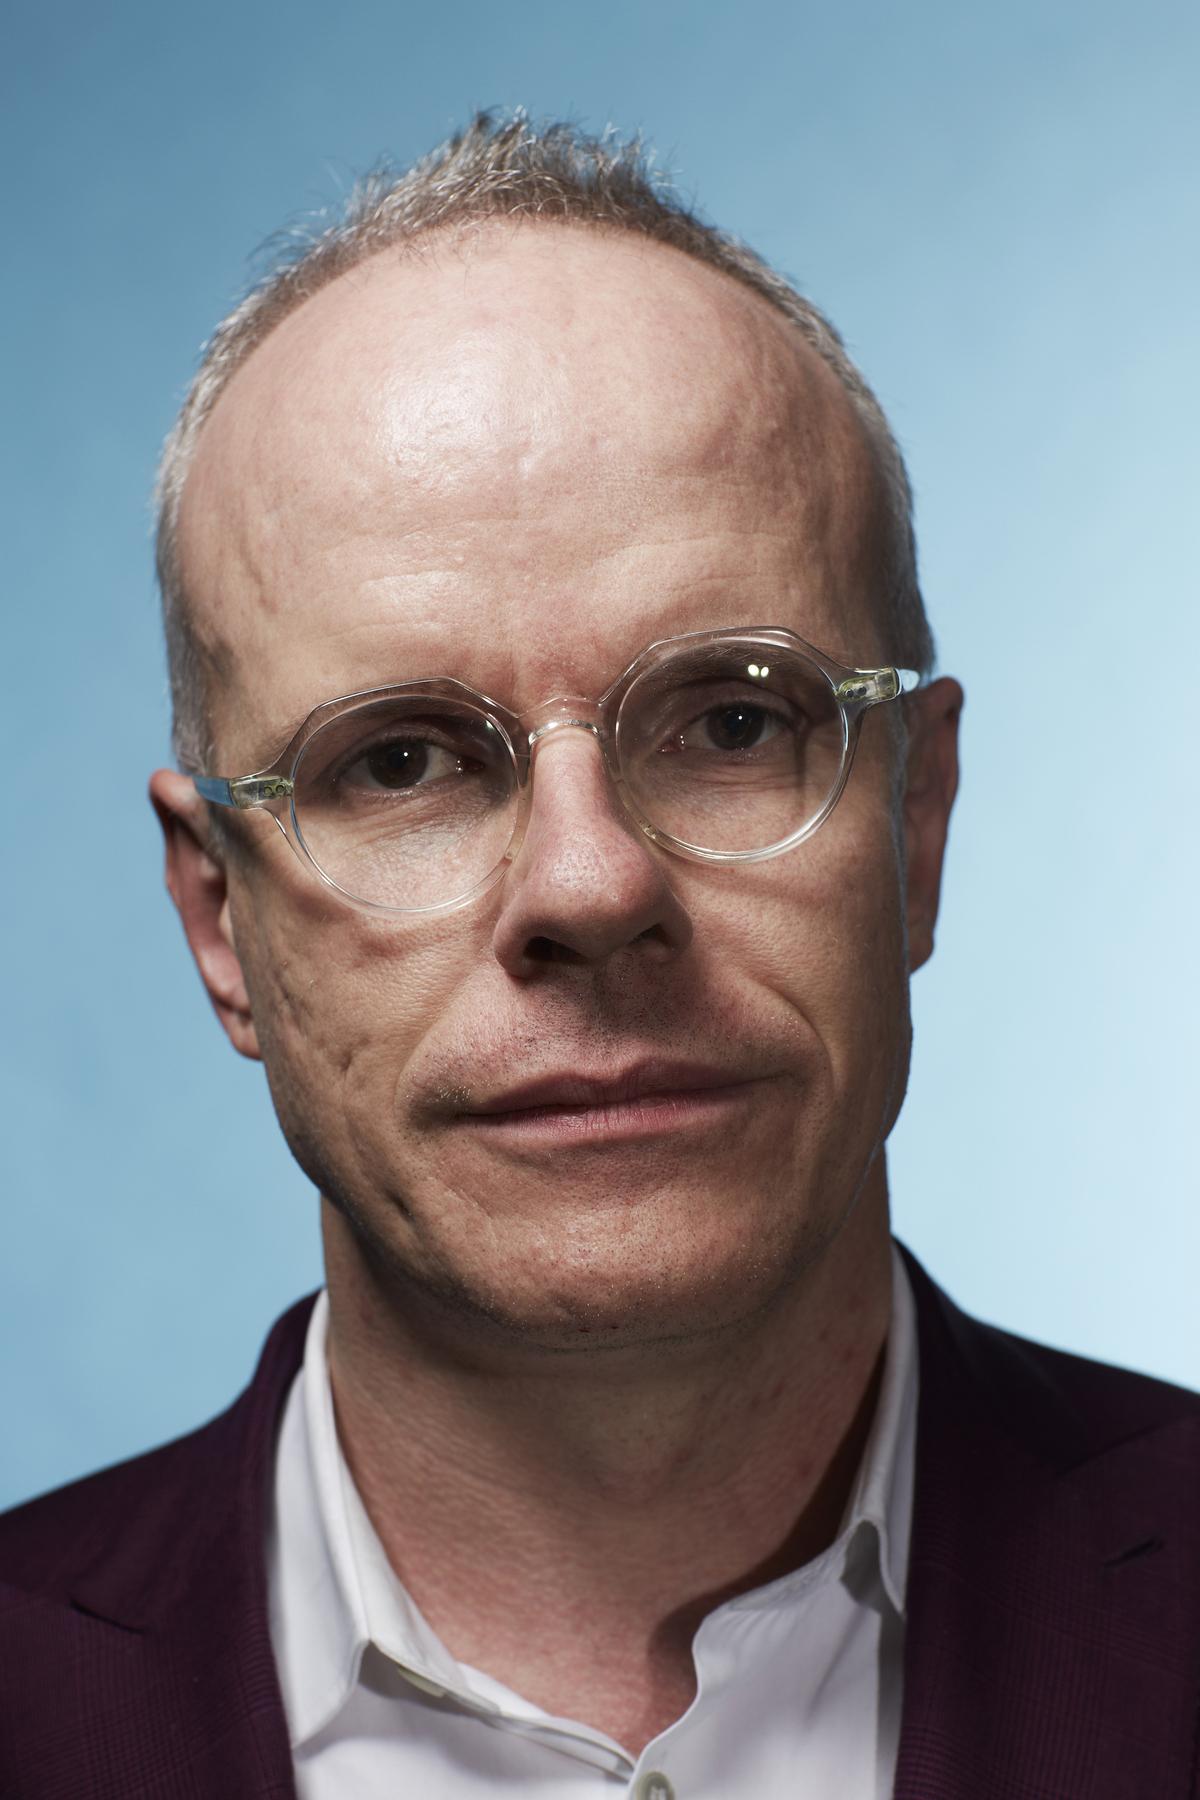 Hans-Ulrich Obrist. Photo by Roe Ethridge.